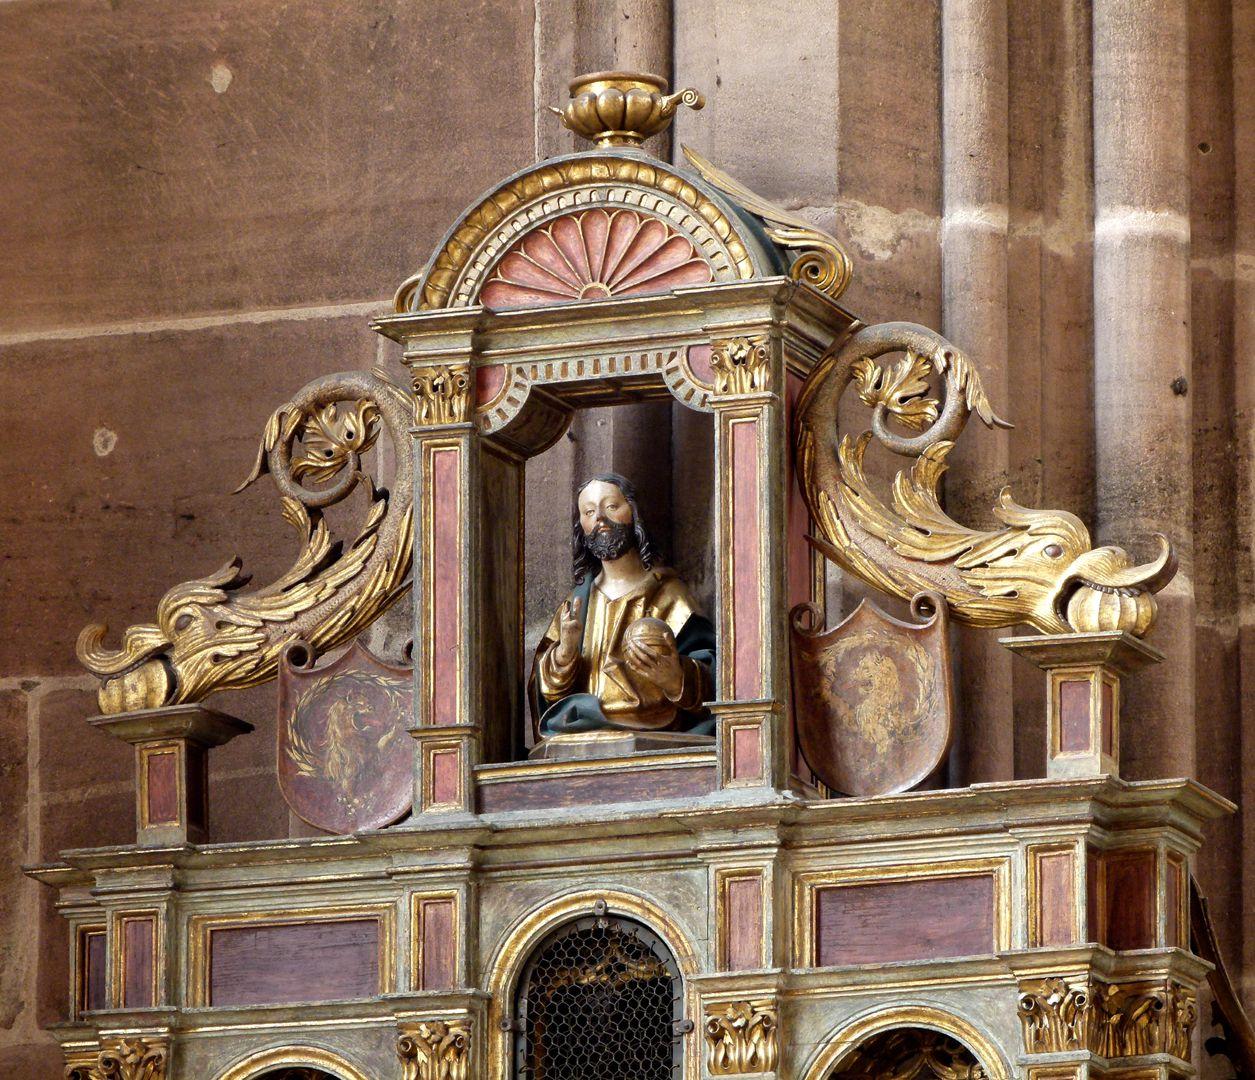 Johannesaltar (Altar der beiden Johannes) Retabelgiebel mit Salvatorfenster, stützende Fabelwesen und spiegelsymmetrische Imhof-Wappen